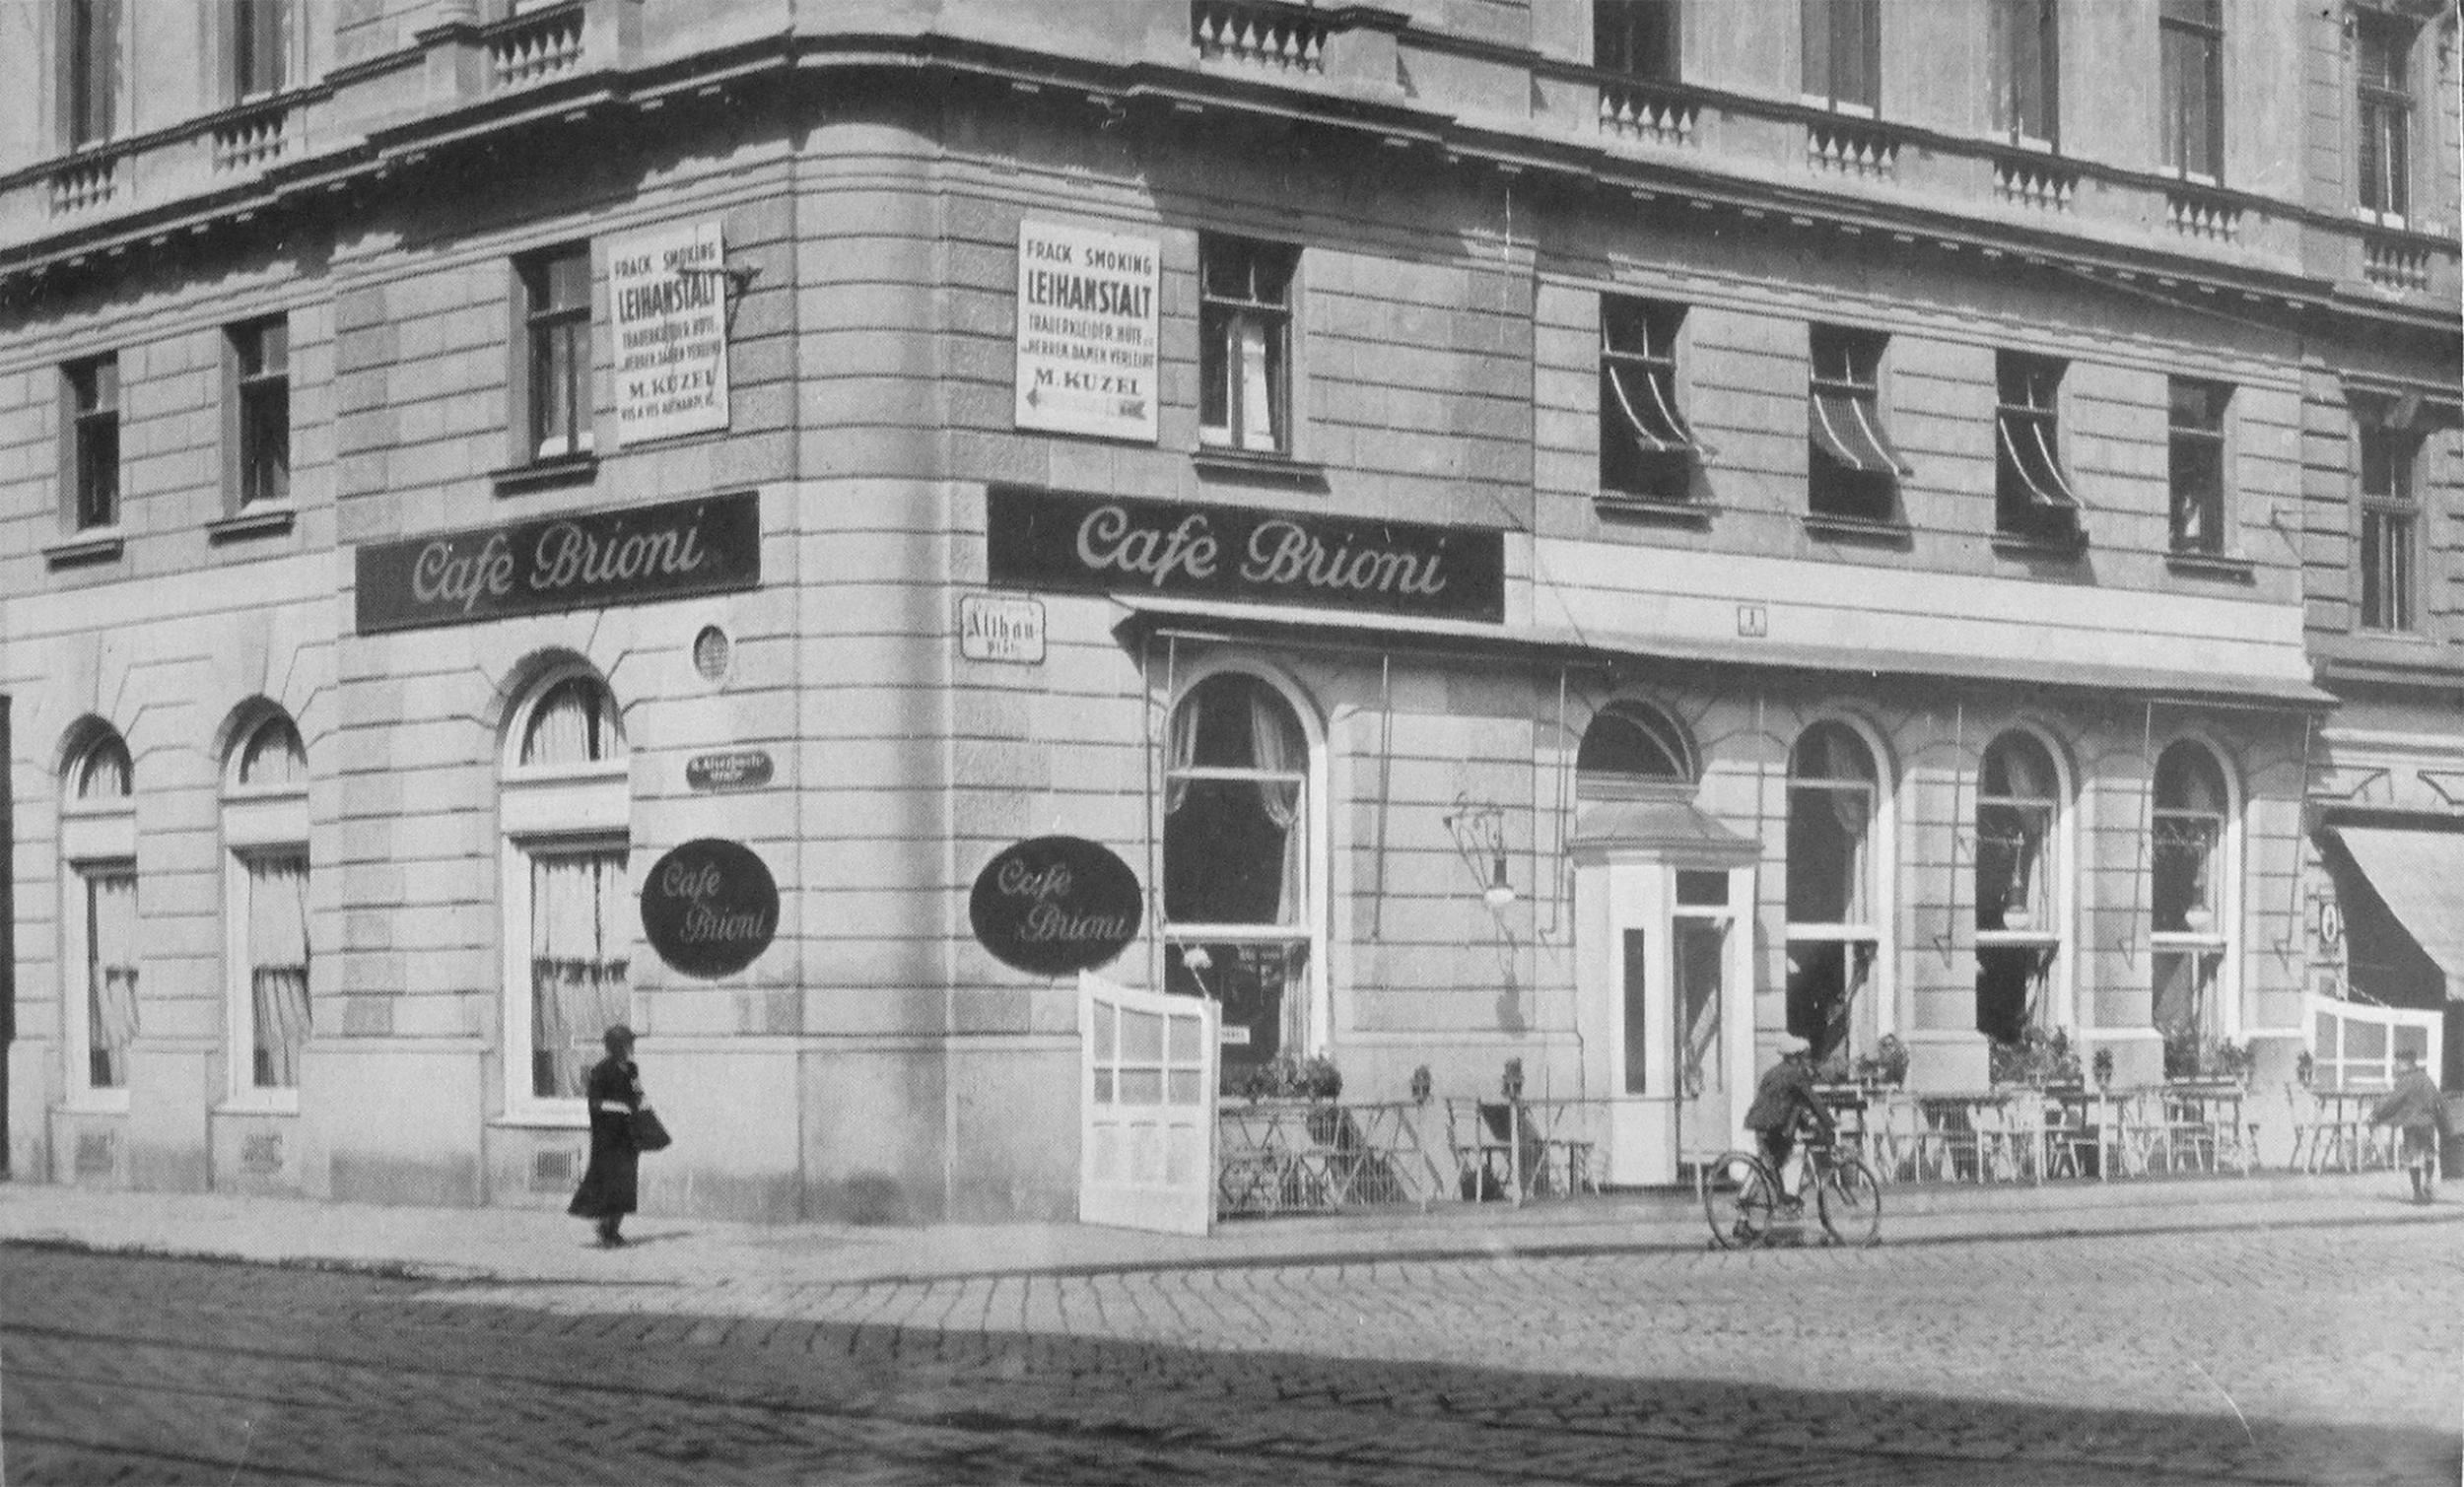 Das Café Brioni, spätestens 1949 aufgenommen. Bereits damals gab es Windfang und Schanigarten. Quelle: Bezirksmuseum Alsergrund